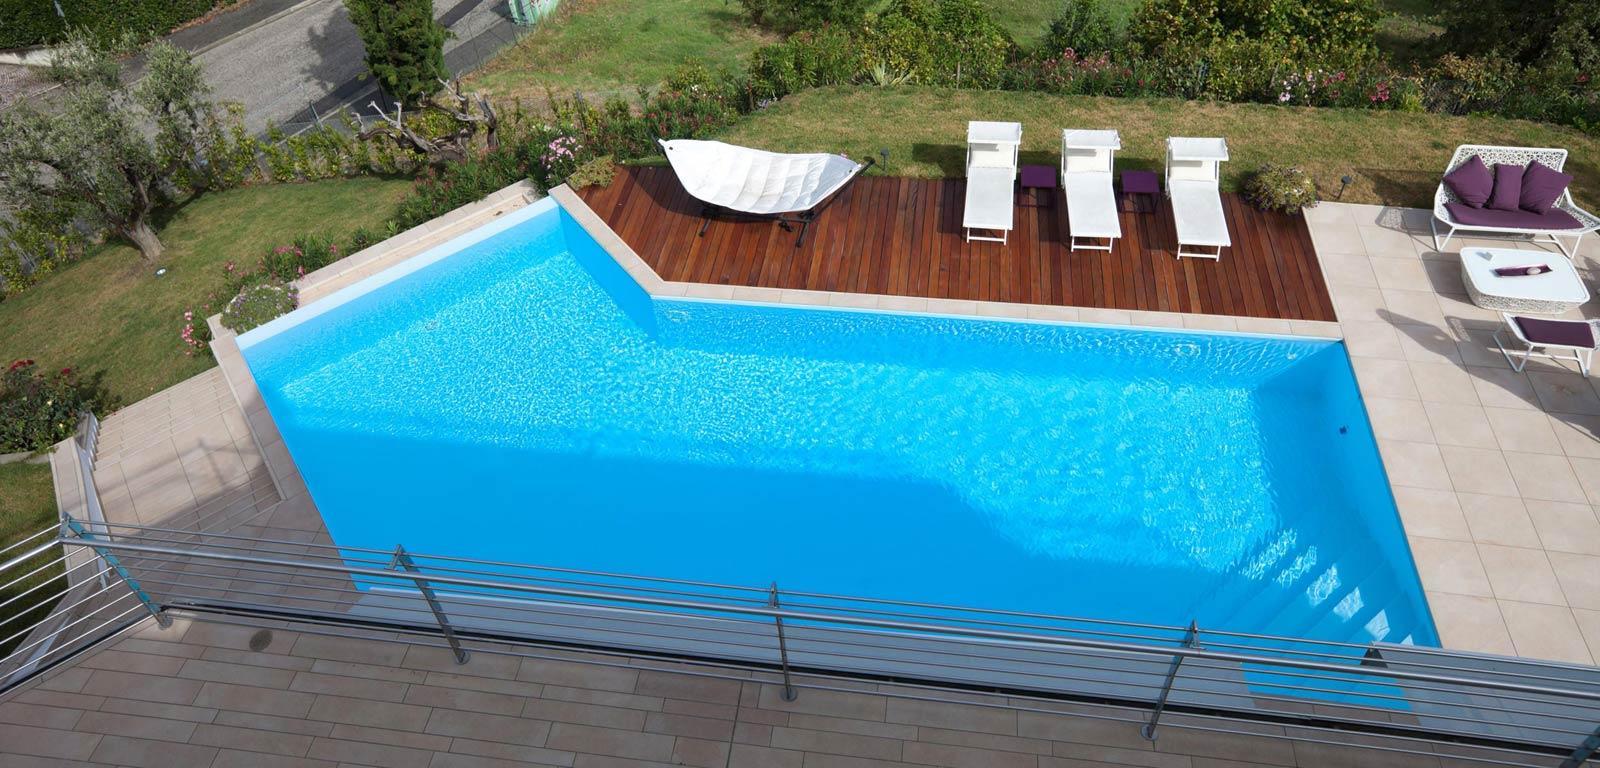 Vendita Piscine A Catania piscine interrate catania bordo sfioro cascata